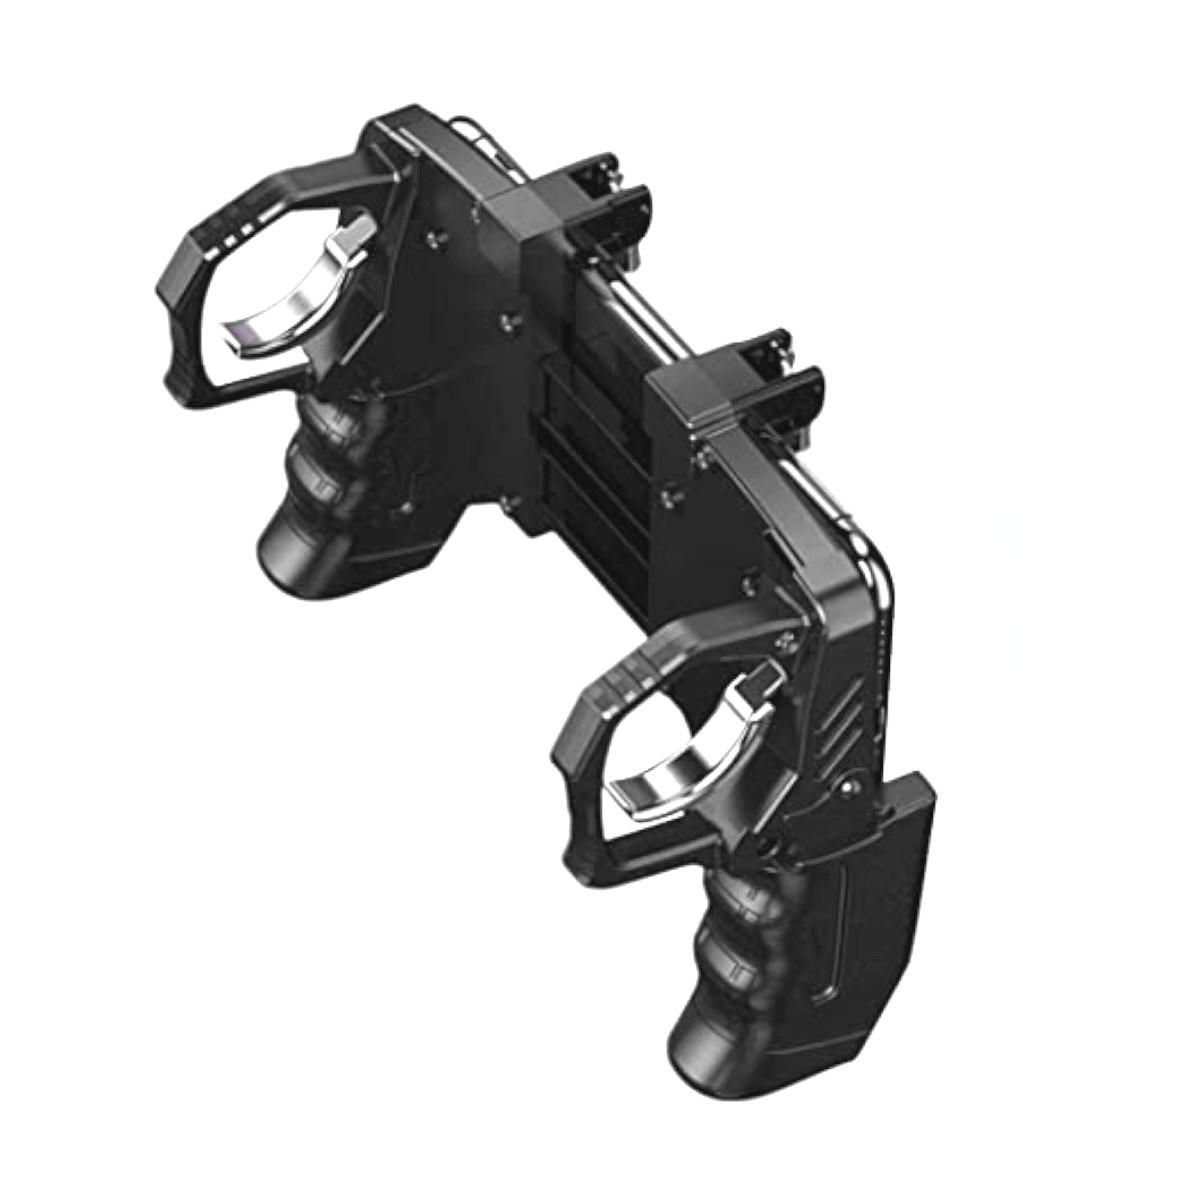 Controle de Jogo de Celular K21 com Botão e Gatilhos